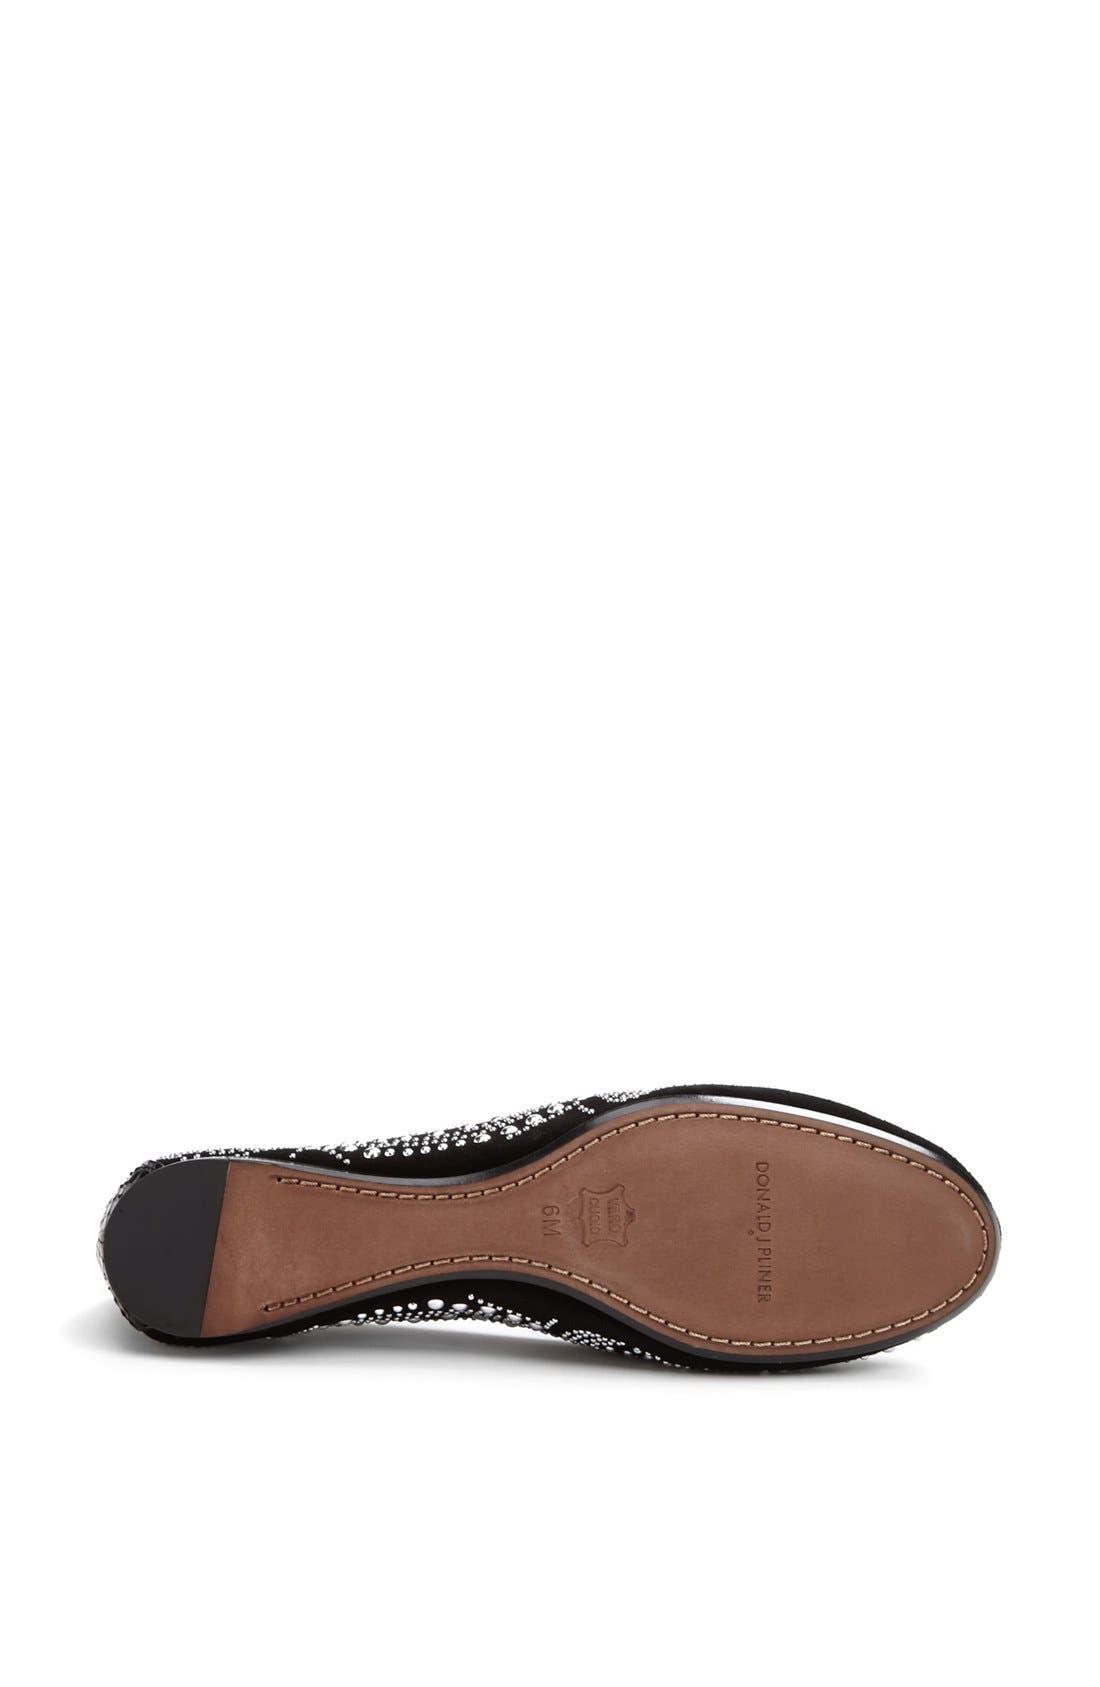 Alternate Image 4  - Donald J Pliner 'Debbi' Loafer